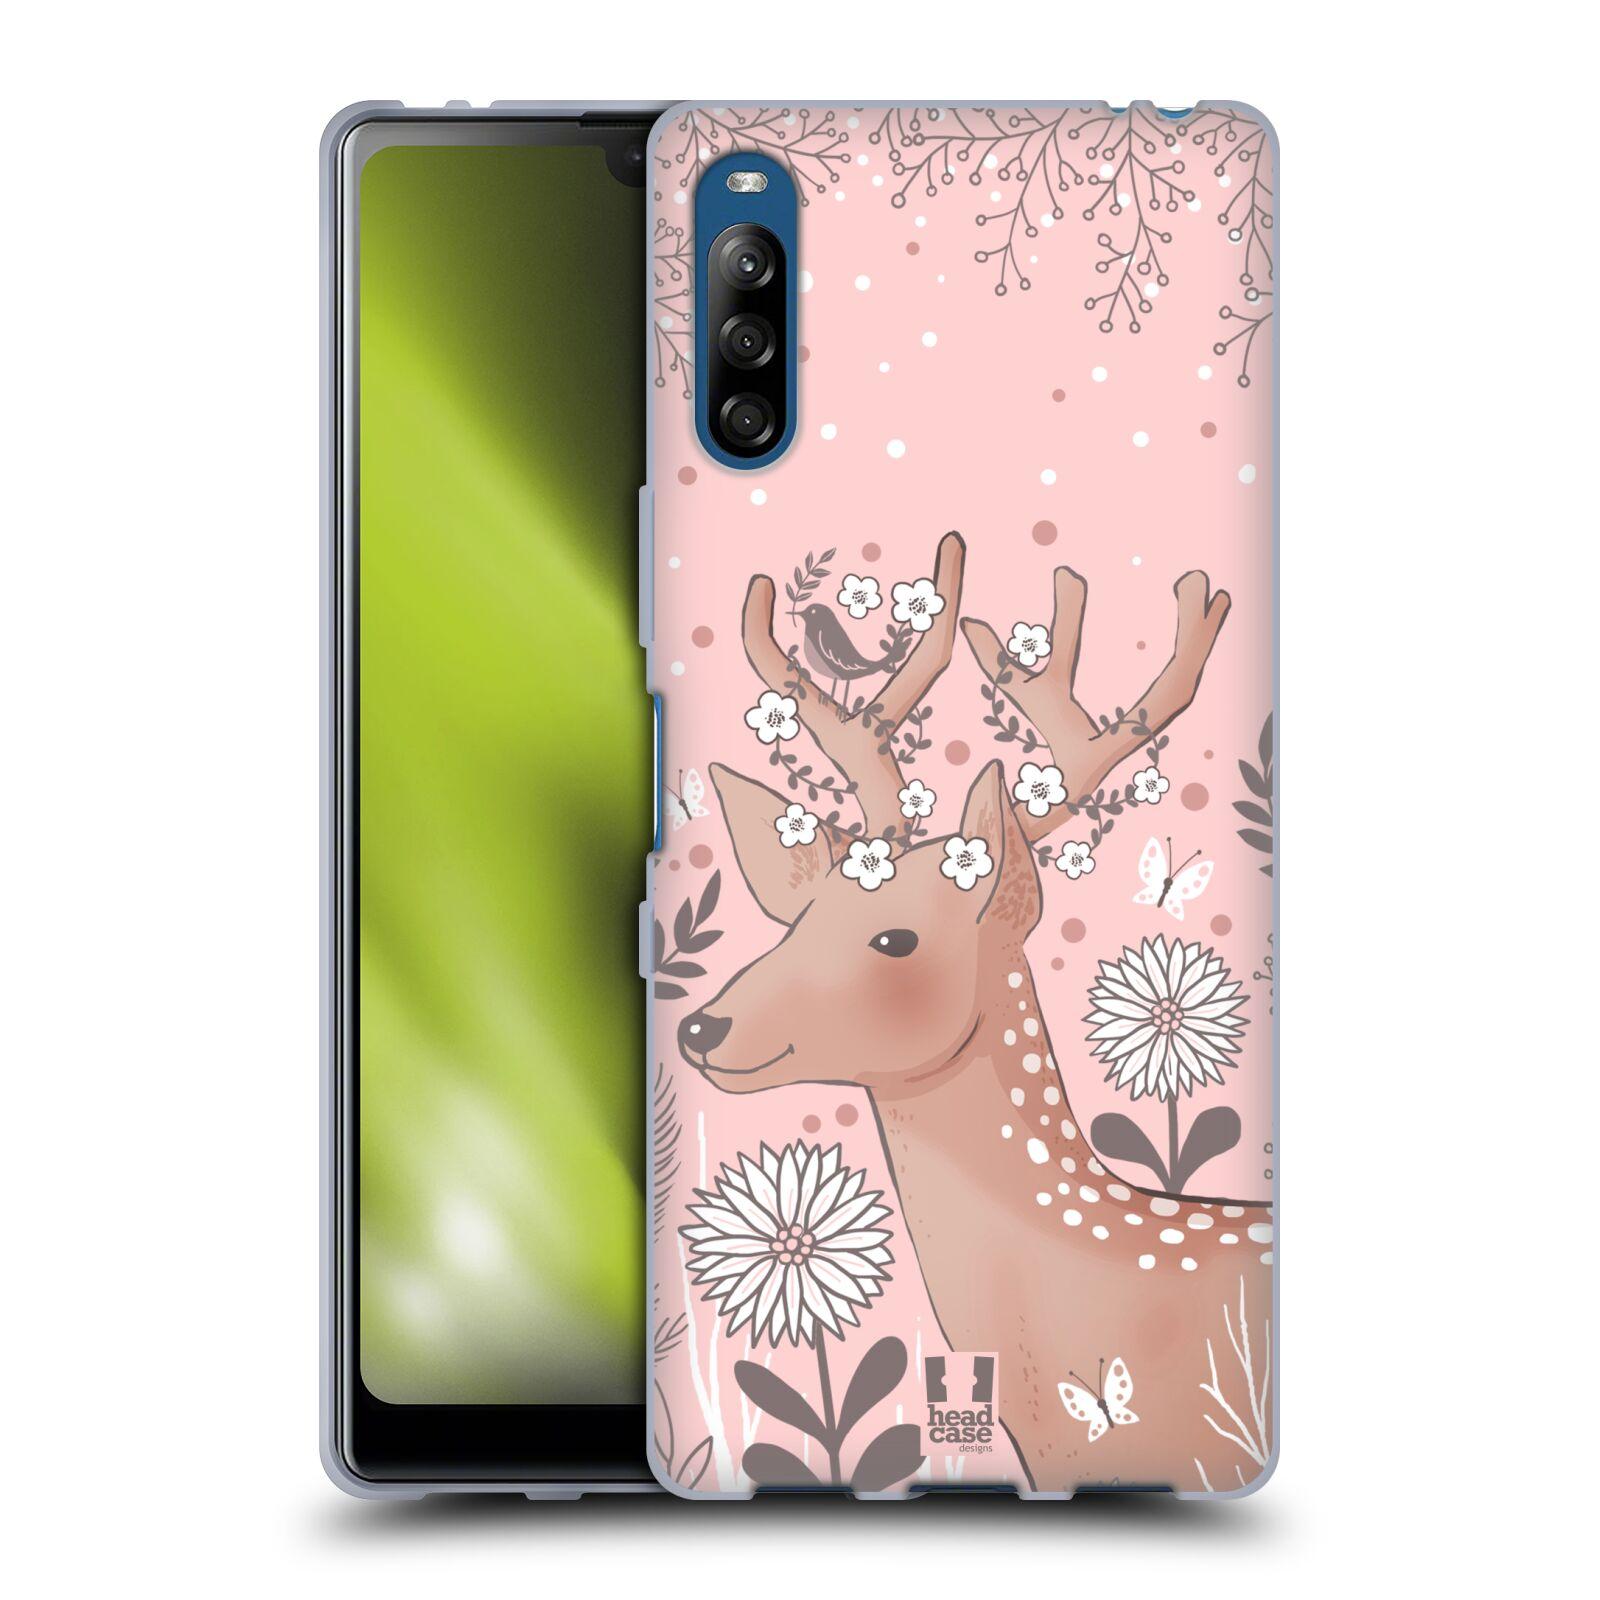 Silikonové pouzdro na mobil Sony Xperia L4 - Head Case - Jelíneček